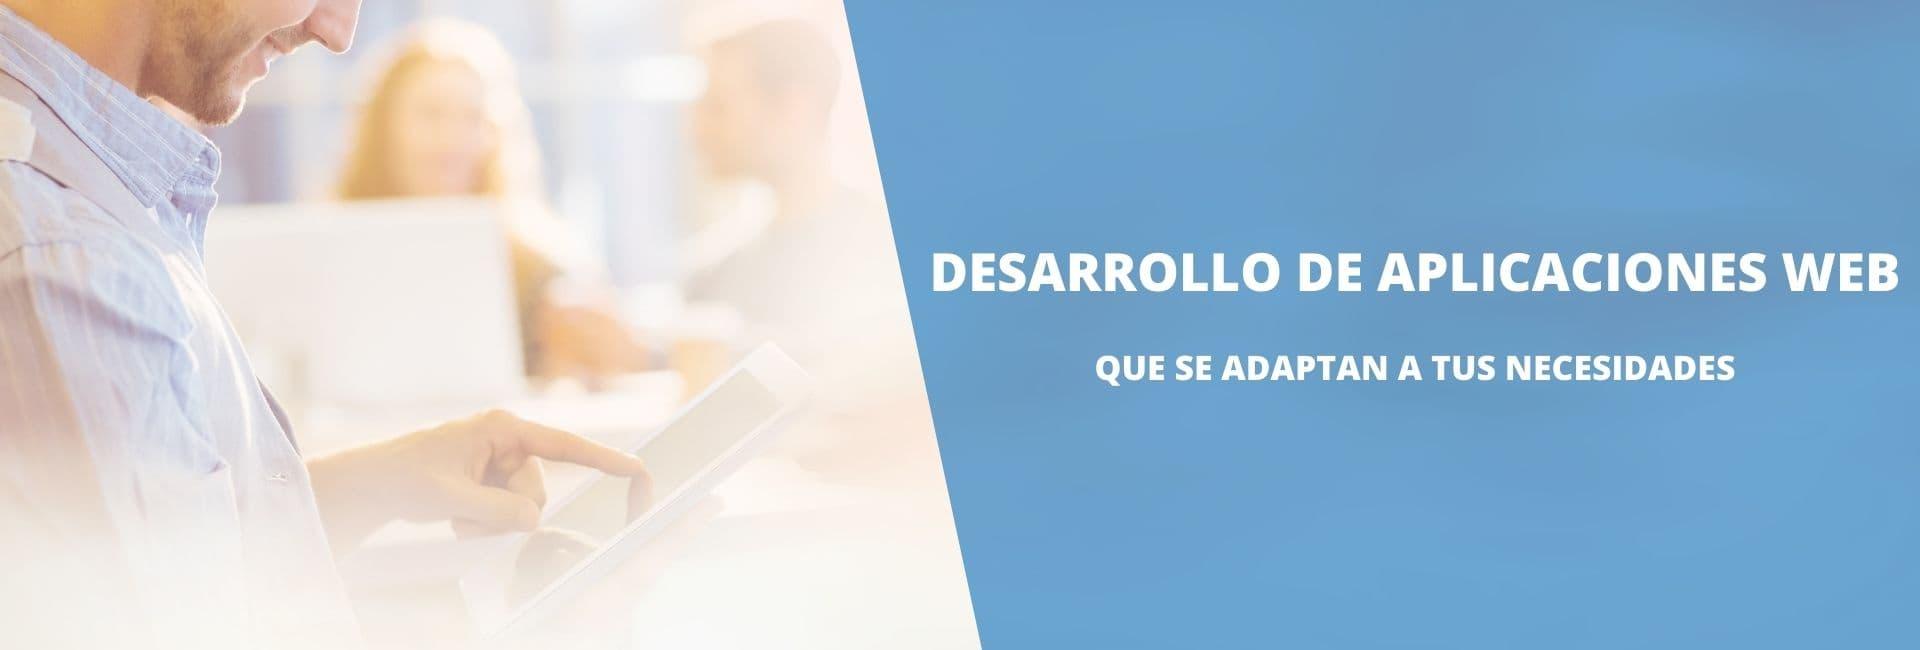 Desarrollo de Aplicaciones Web en Murcia